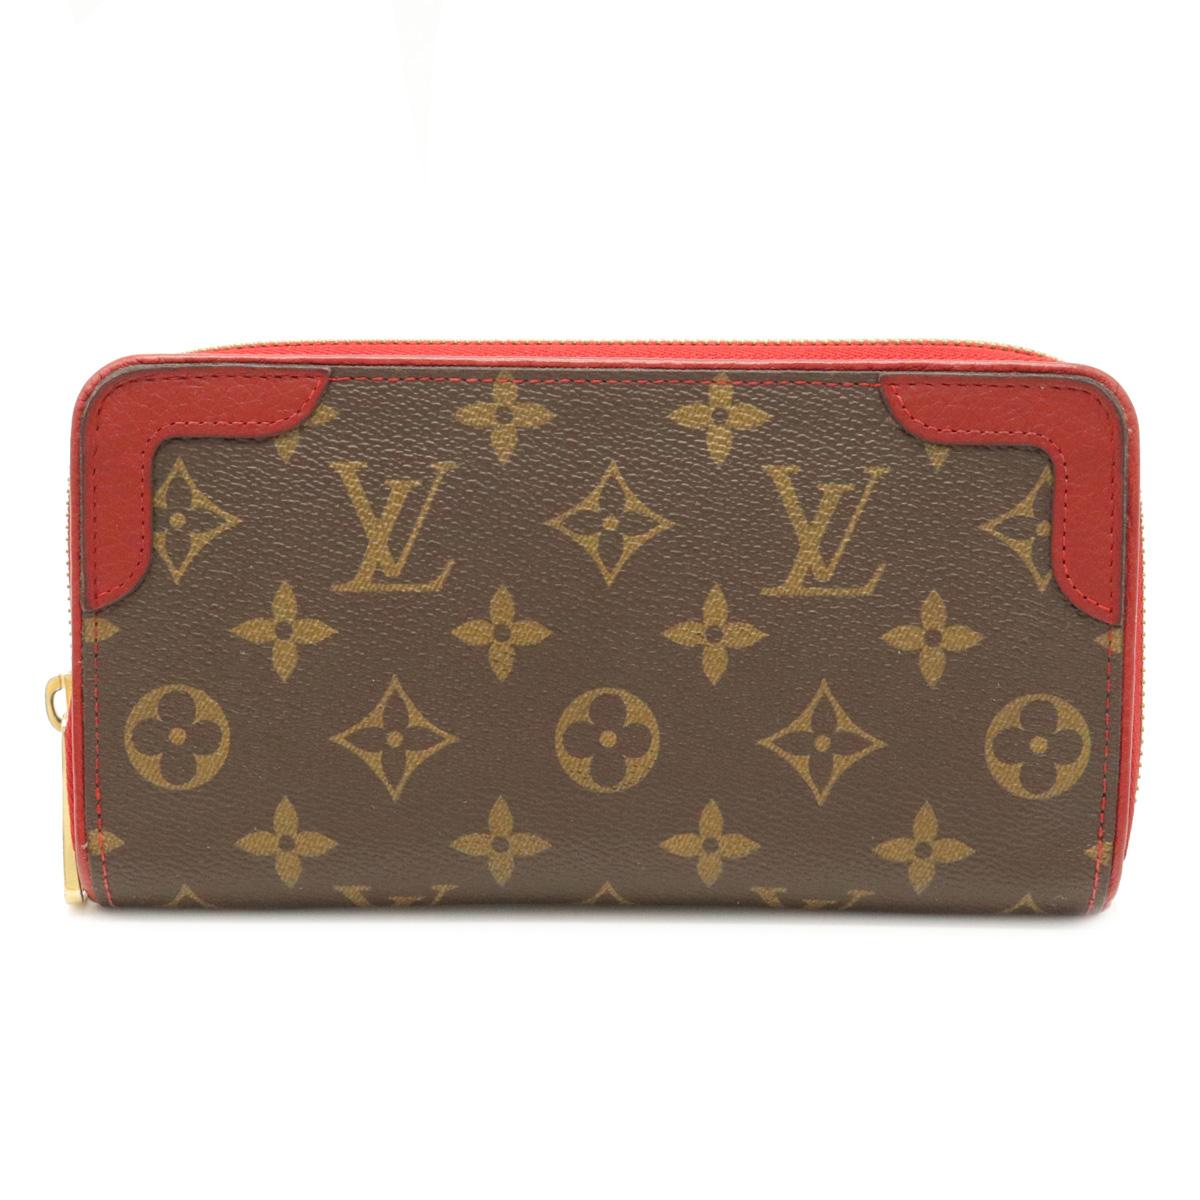 数量限定 財布 LOUIS VUITTON ルイ ヴィトン モノグラム ジッピーウォレット レティーロ M61854 レッド ラウンドファスナー 中古 赤 長財布 レザー スリーズ 特売